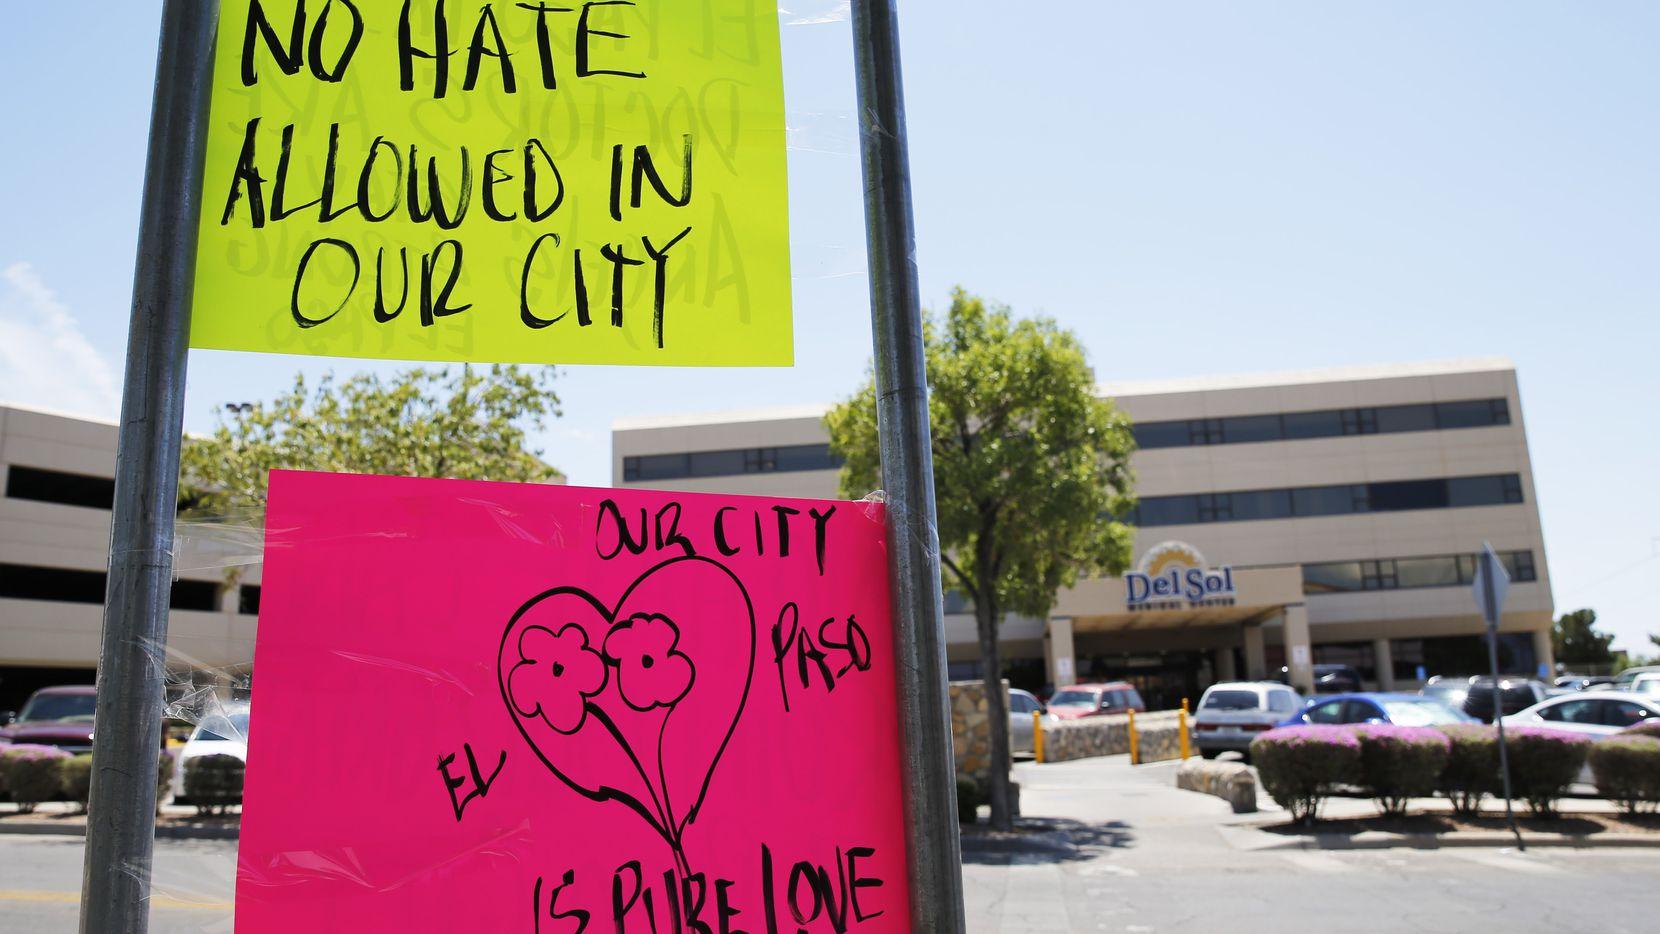 Pancartas con mensajes de rechazo al odio fueron colocados al frente de Del Sol Medical Center en El Paso, Texas.